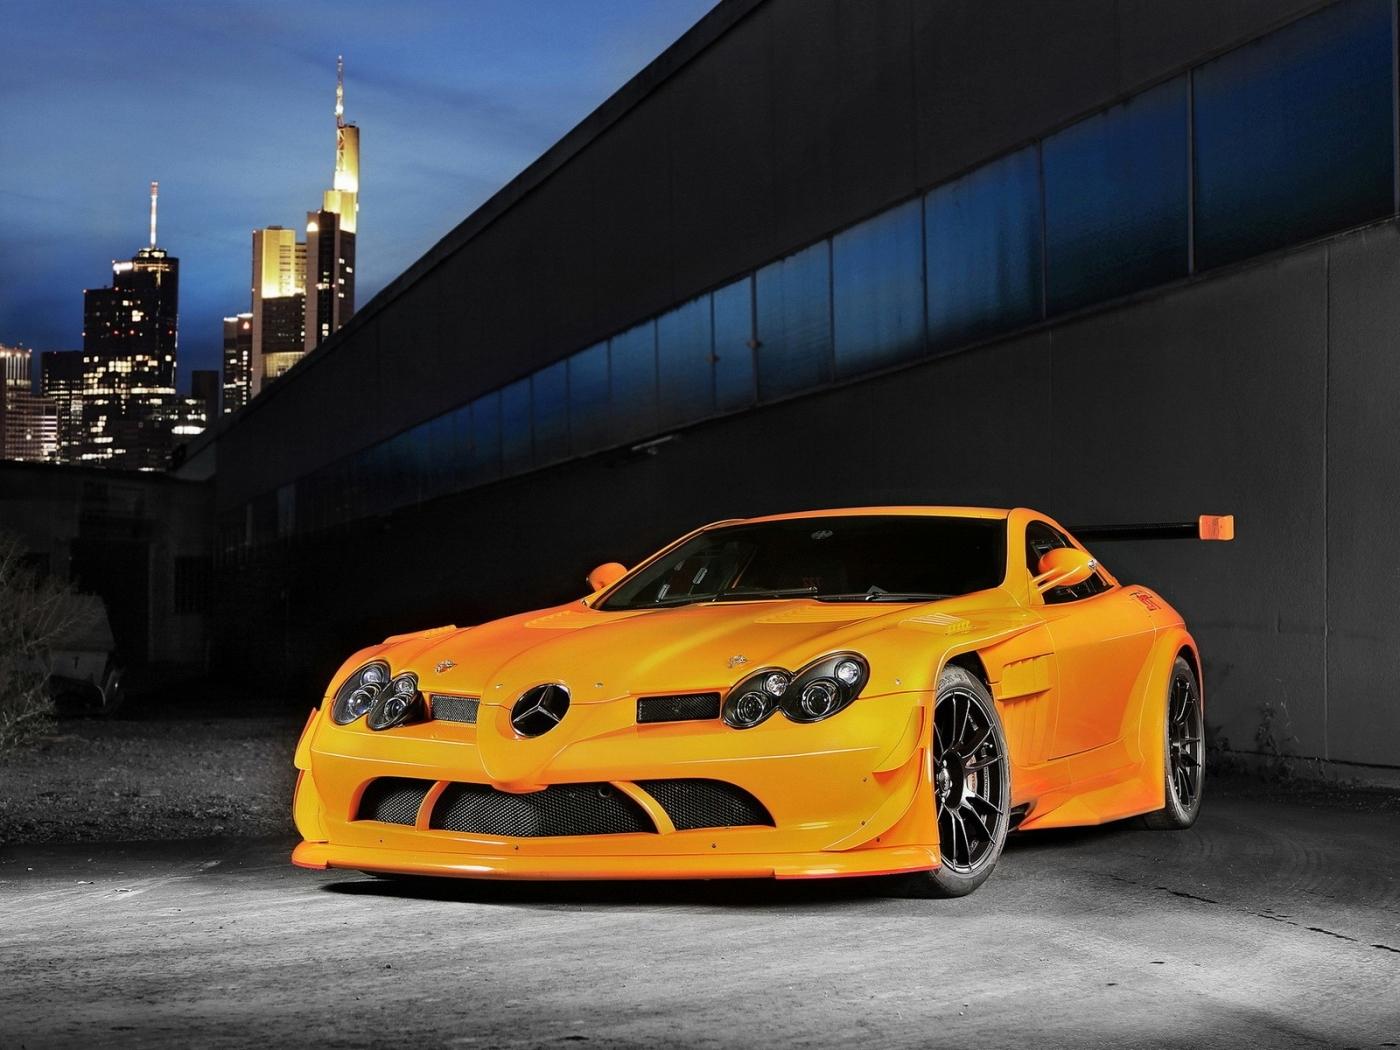 49697 скачать обои Мерседес (Mercedes), Машины, Транспорт - заставки и картинки бесплатно